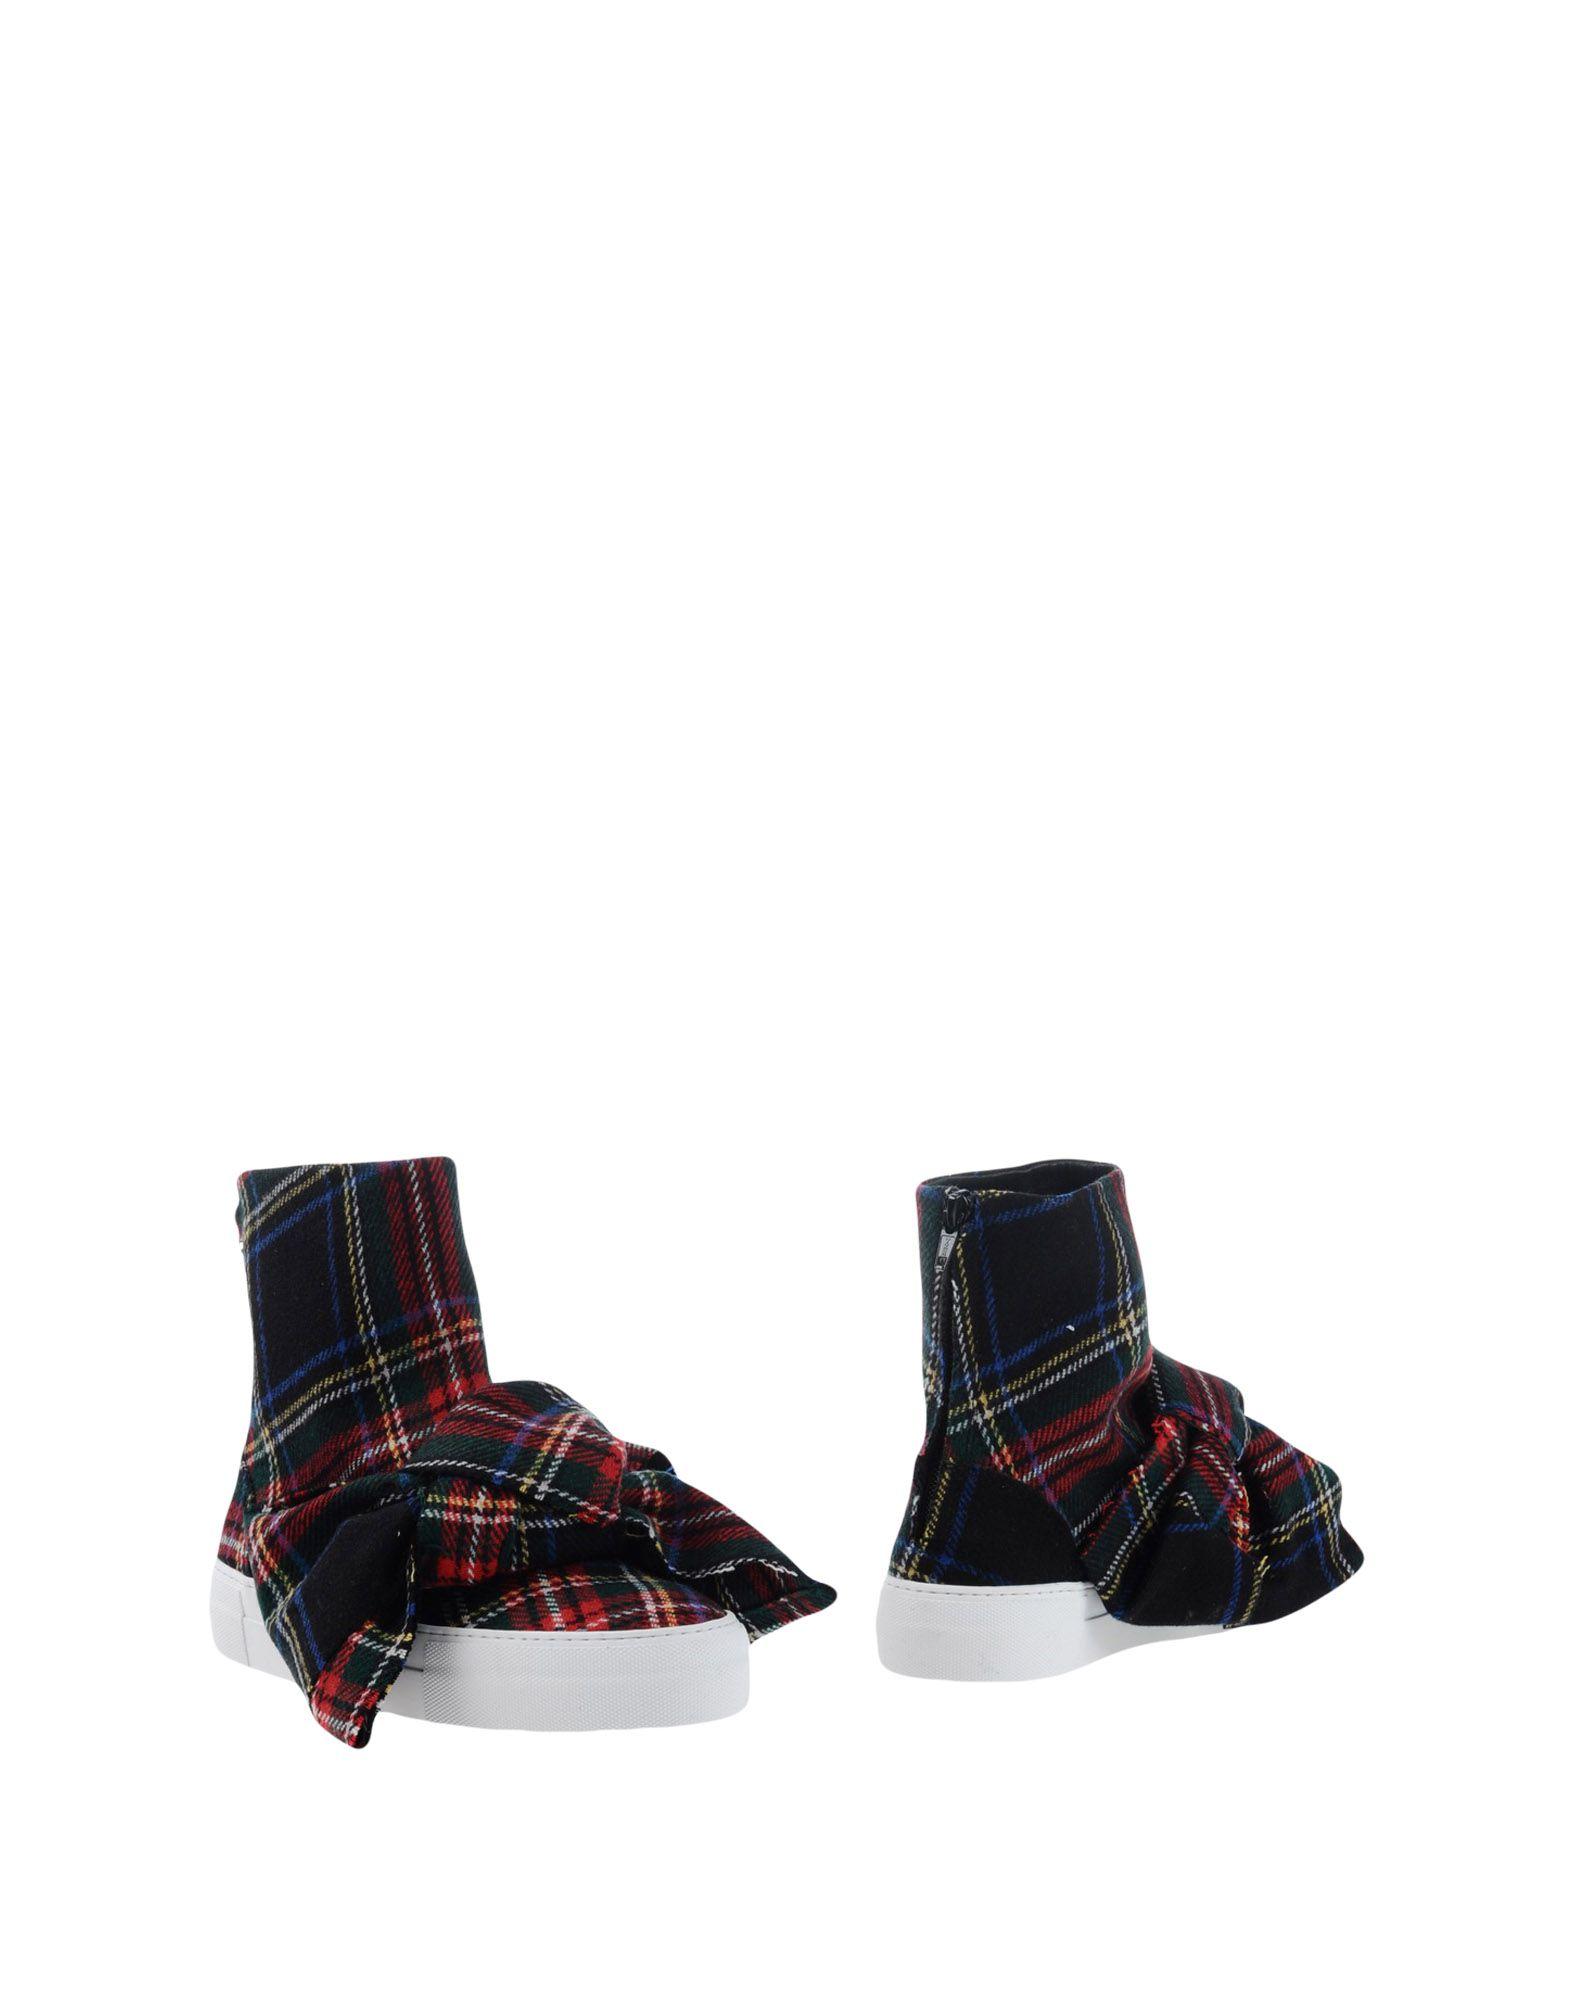 Haltbare Mode billige Schuhe Joshua*S Stiefelette Damen  11272845HH Heiße Schuhe